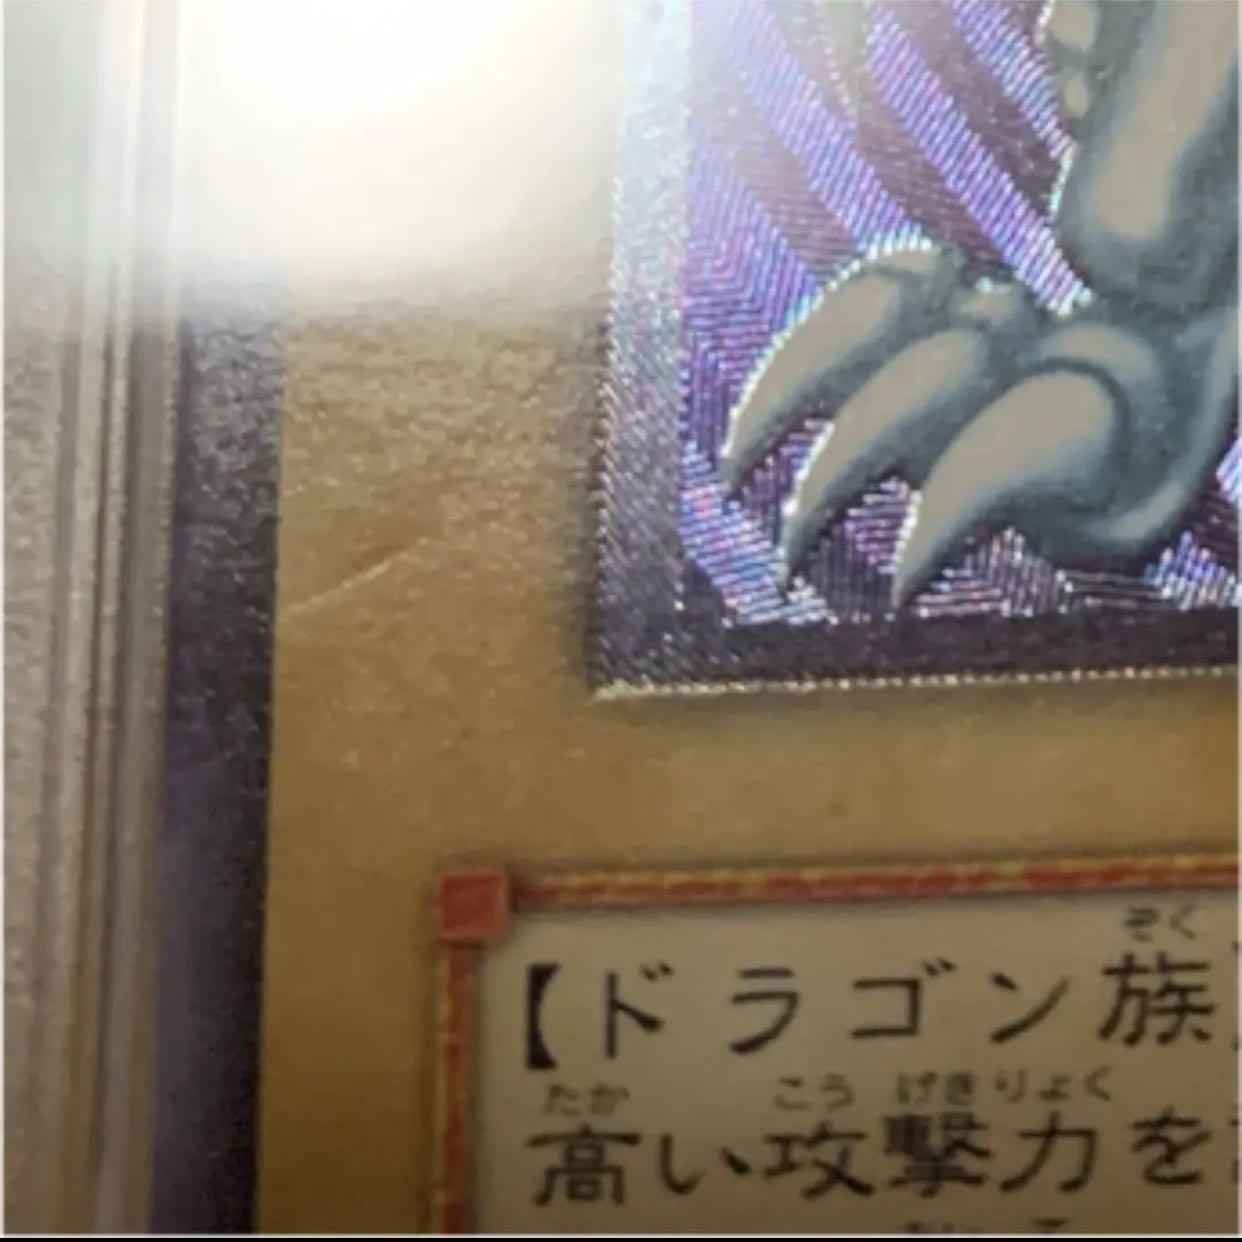 遊戯王 PSA7 青眼の白龍 ブルーアイズ レリーフ